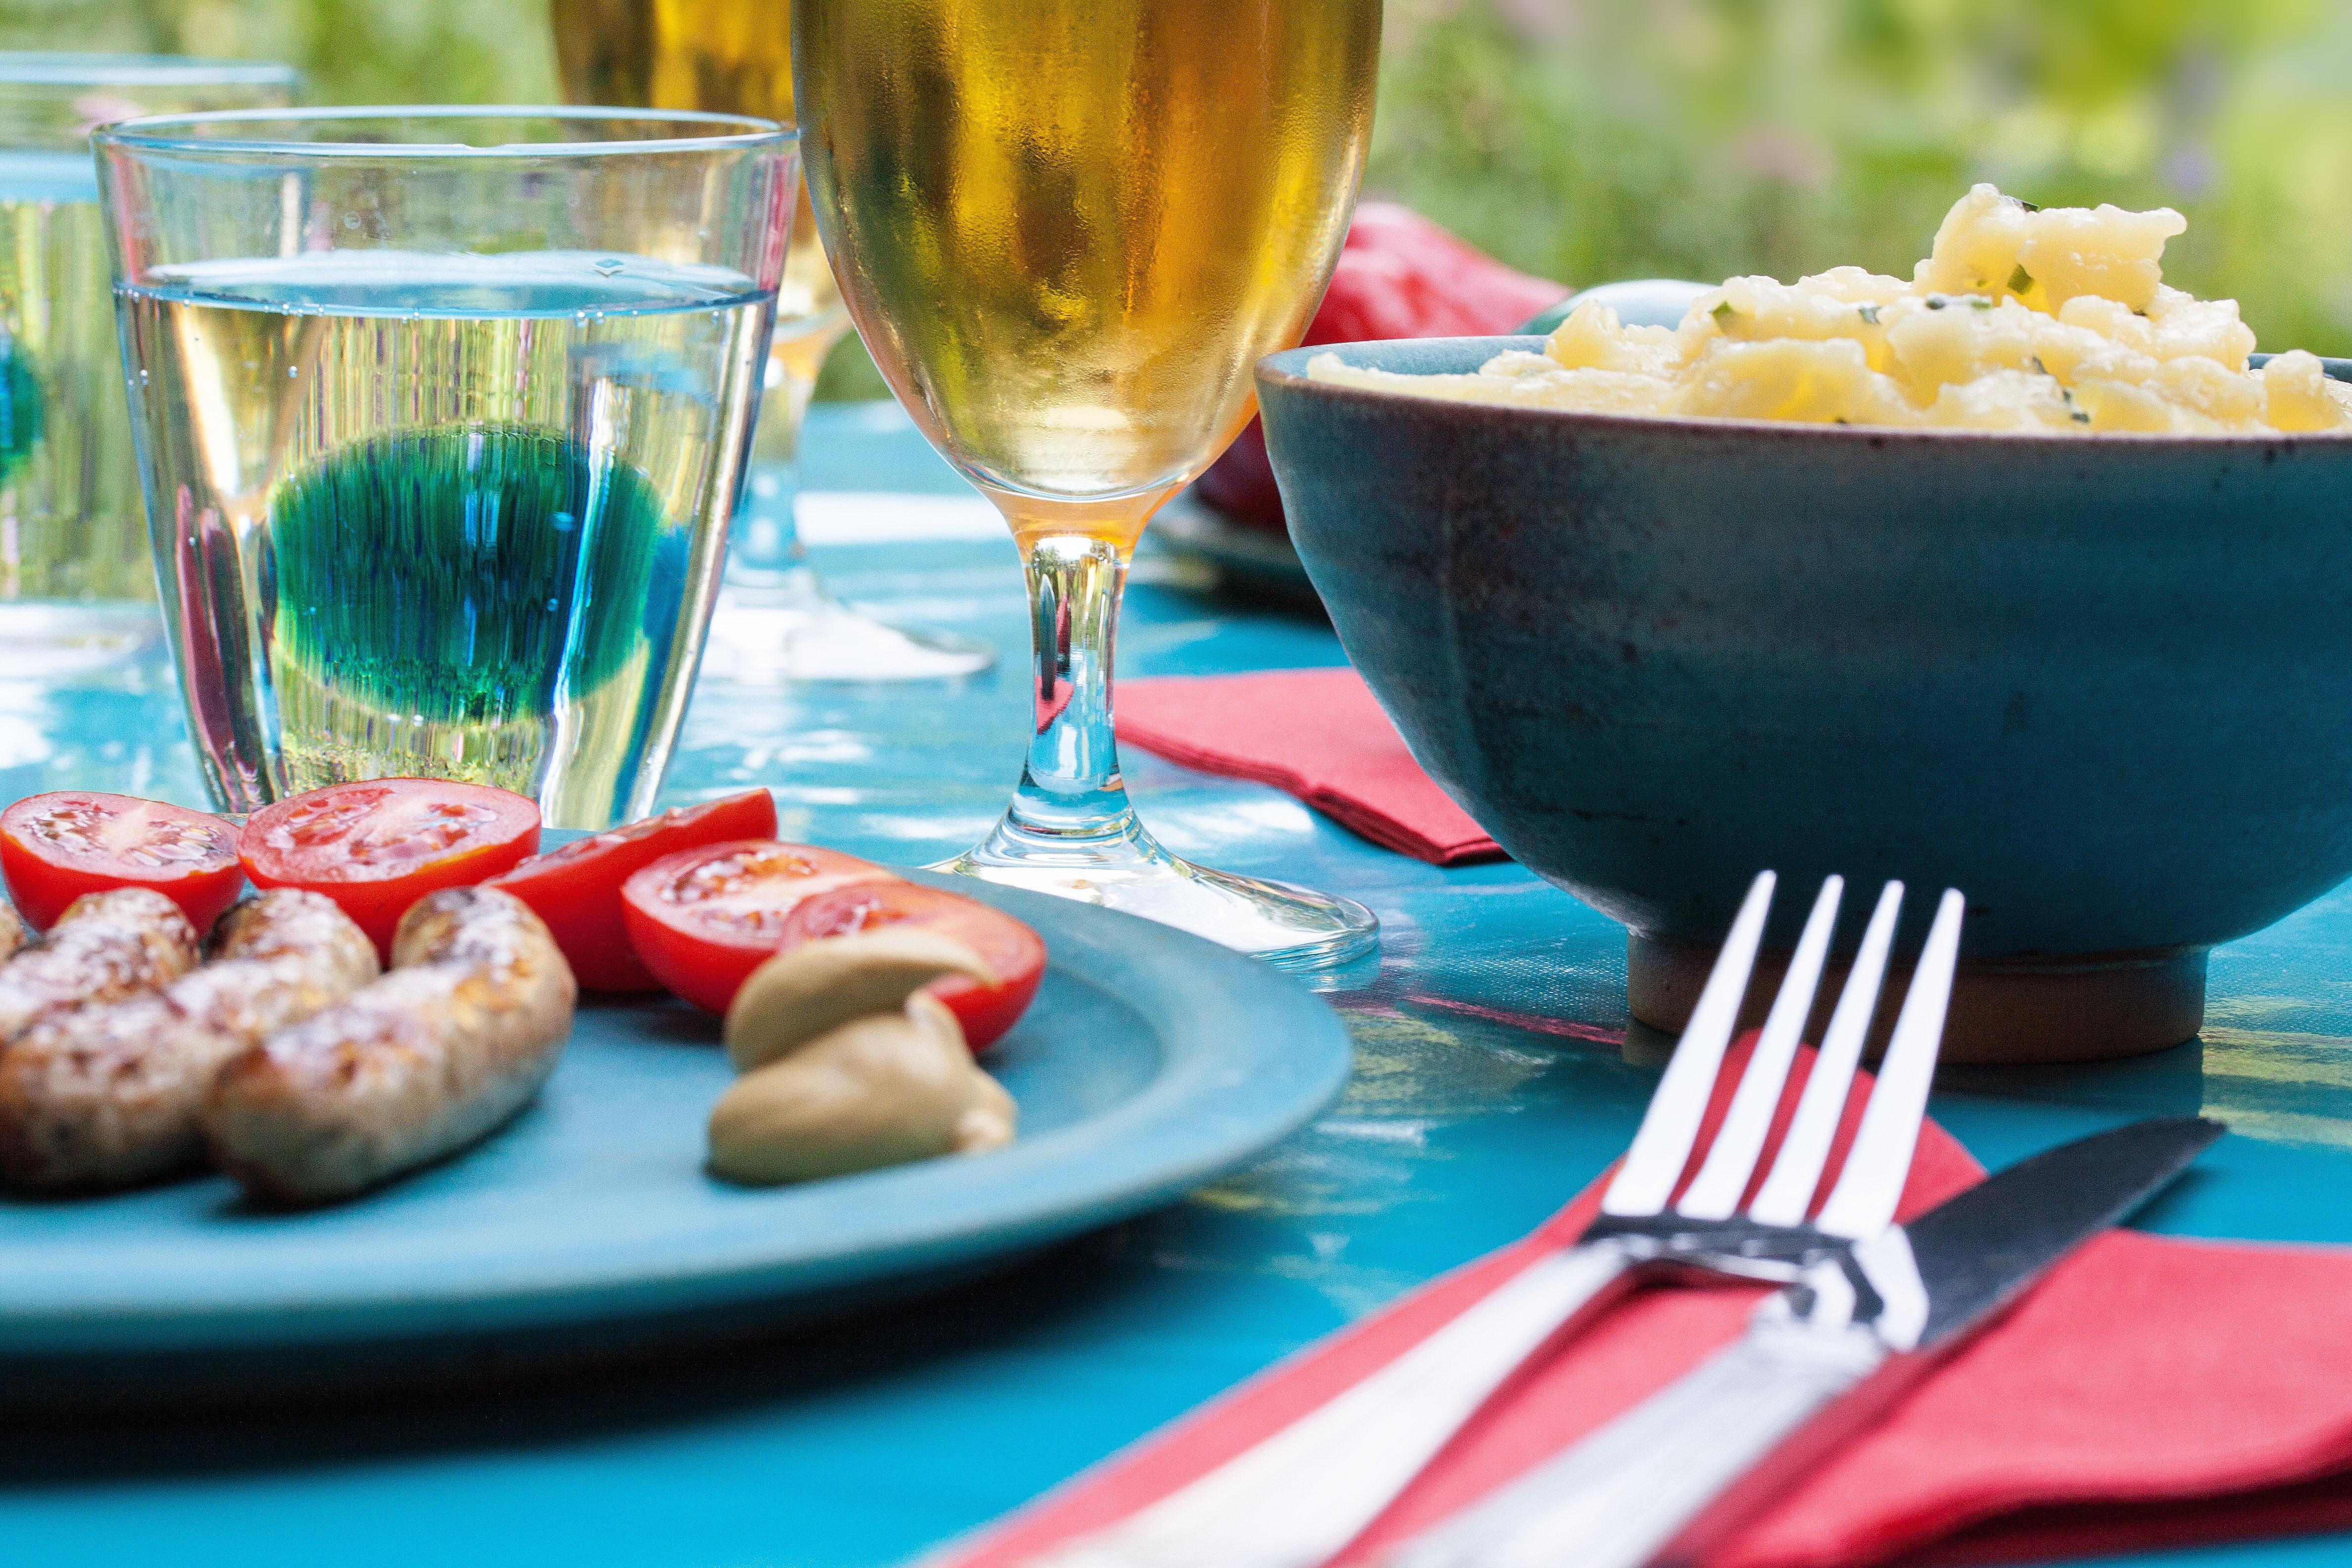 food-summer-party-dinner.jpg